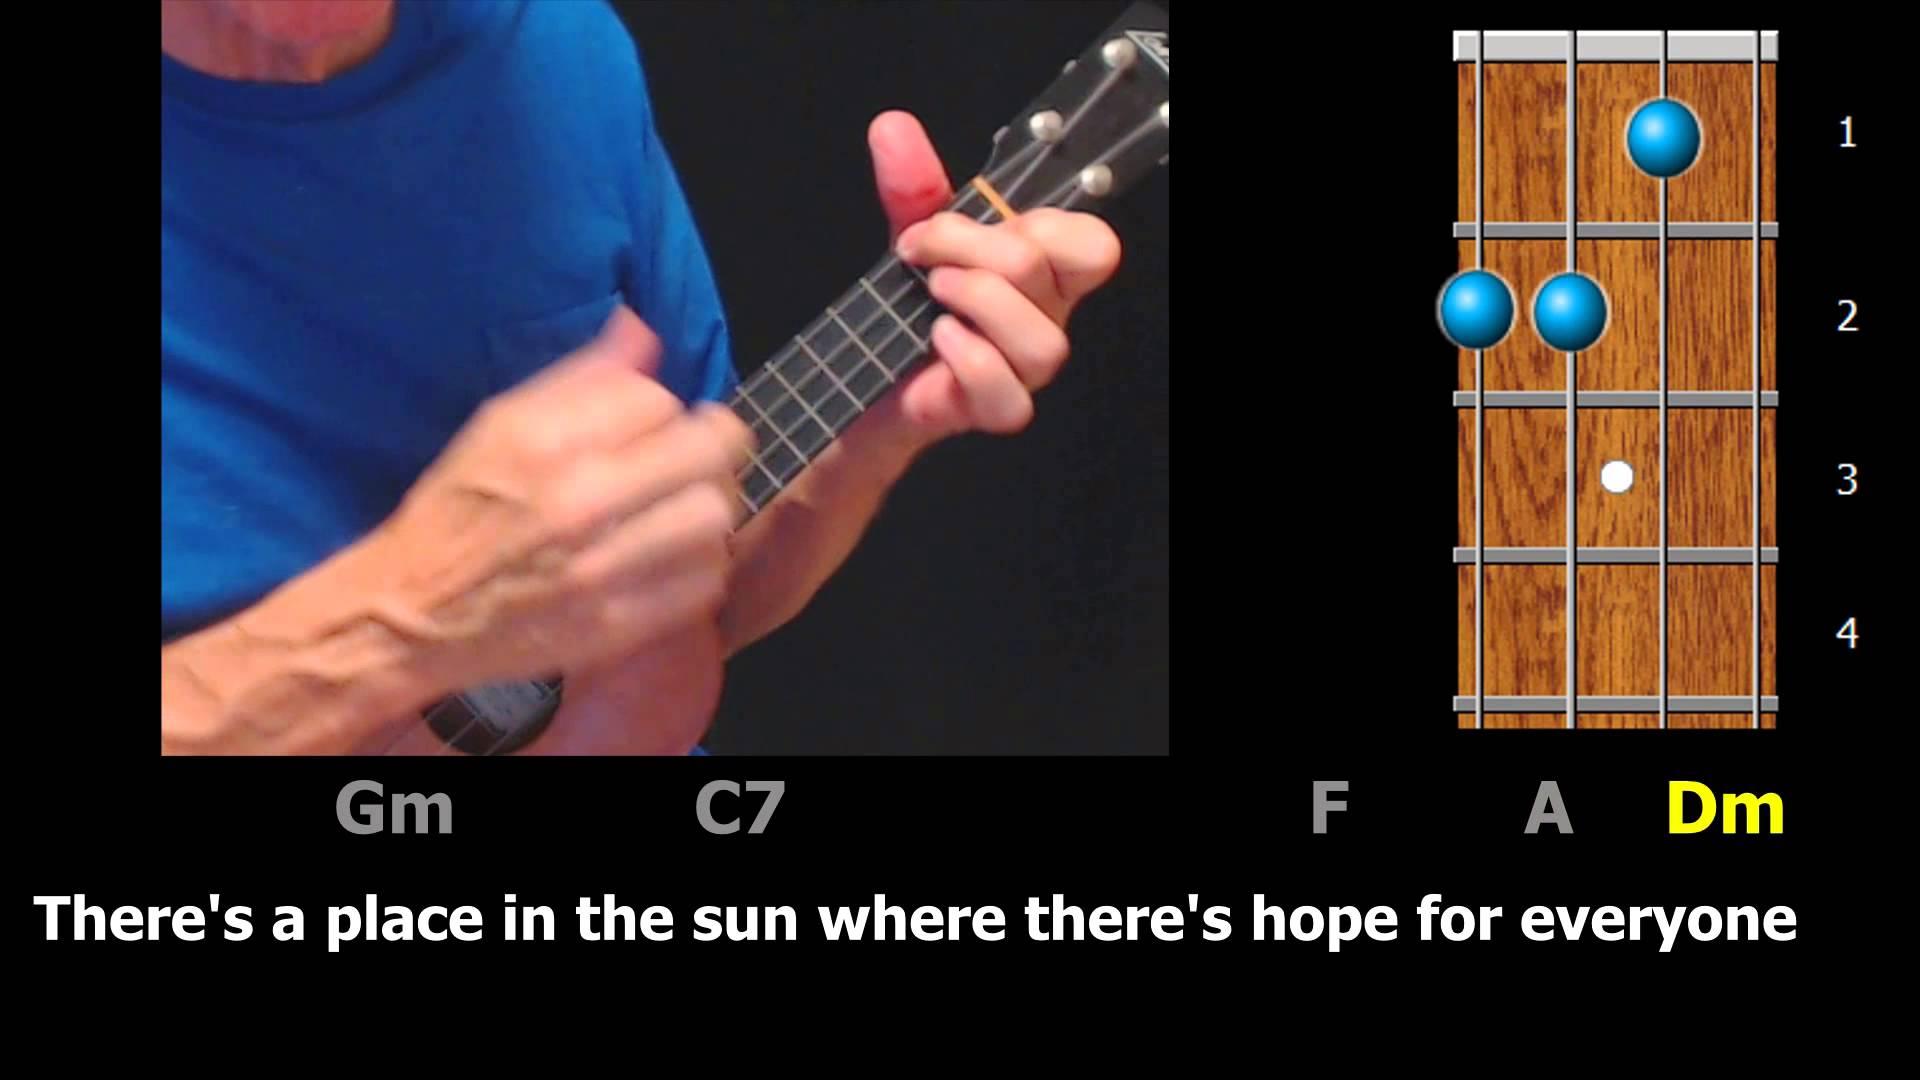 A Place In The Sun Ukulele Chords Lyrics Ezfolk